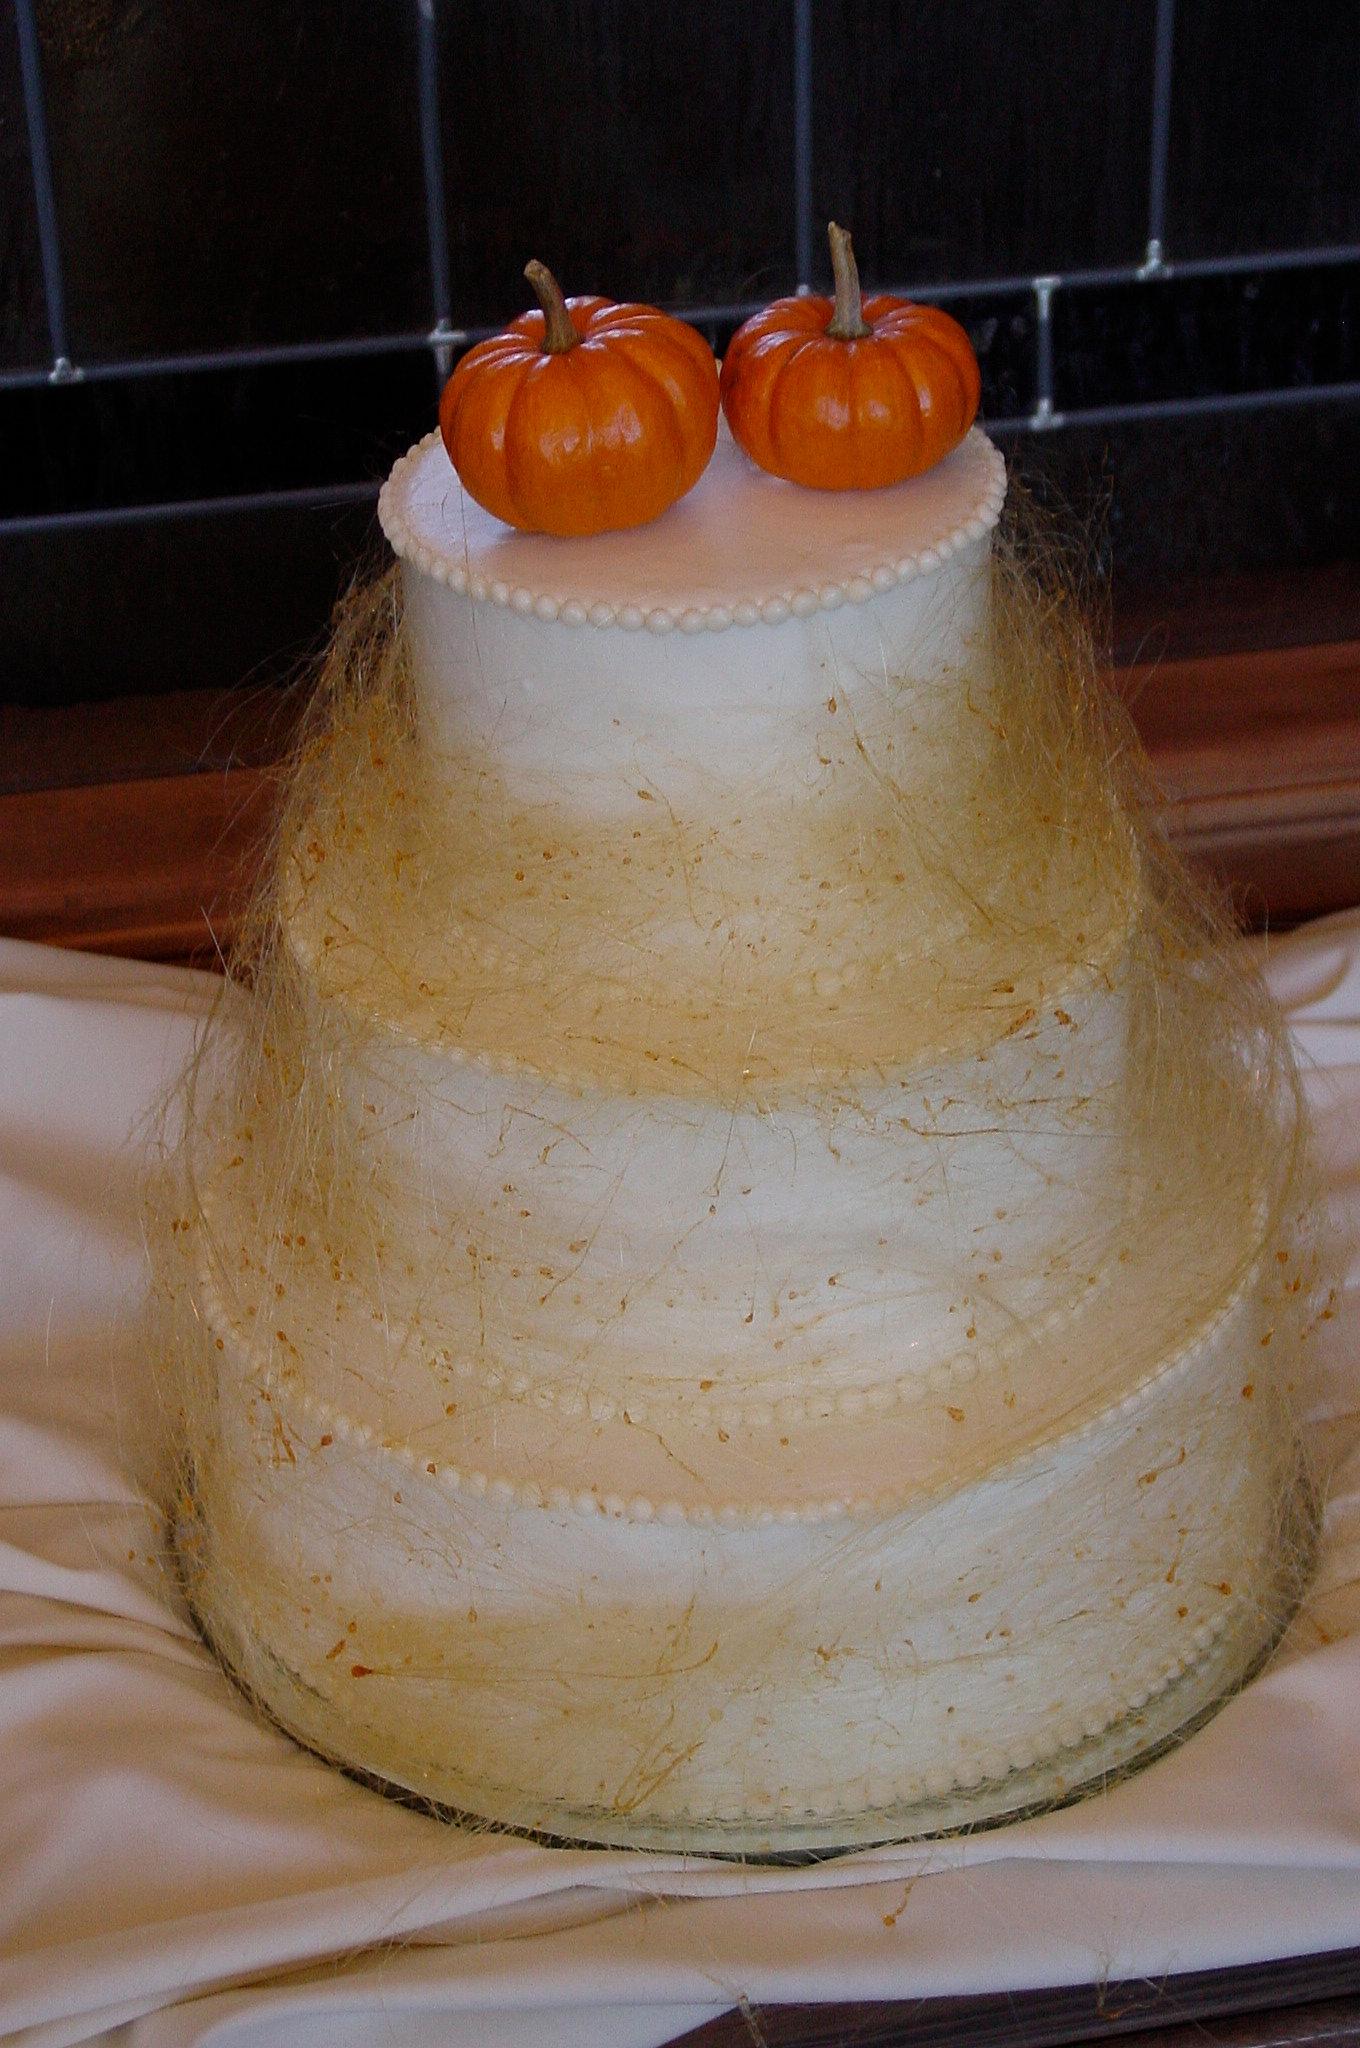 Spun Sugar Cake